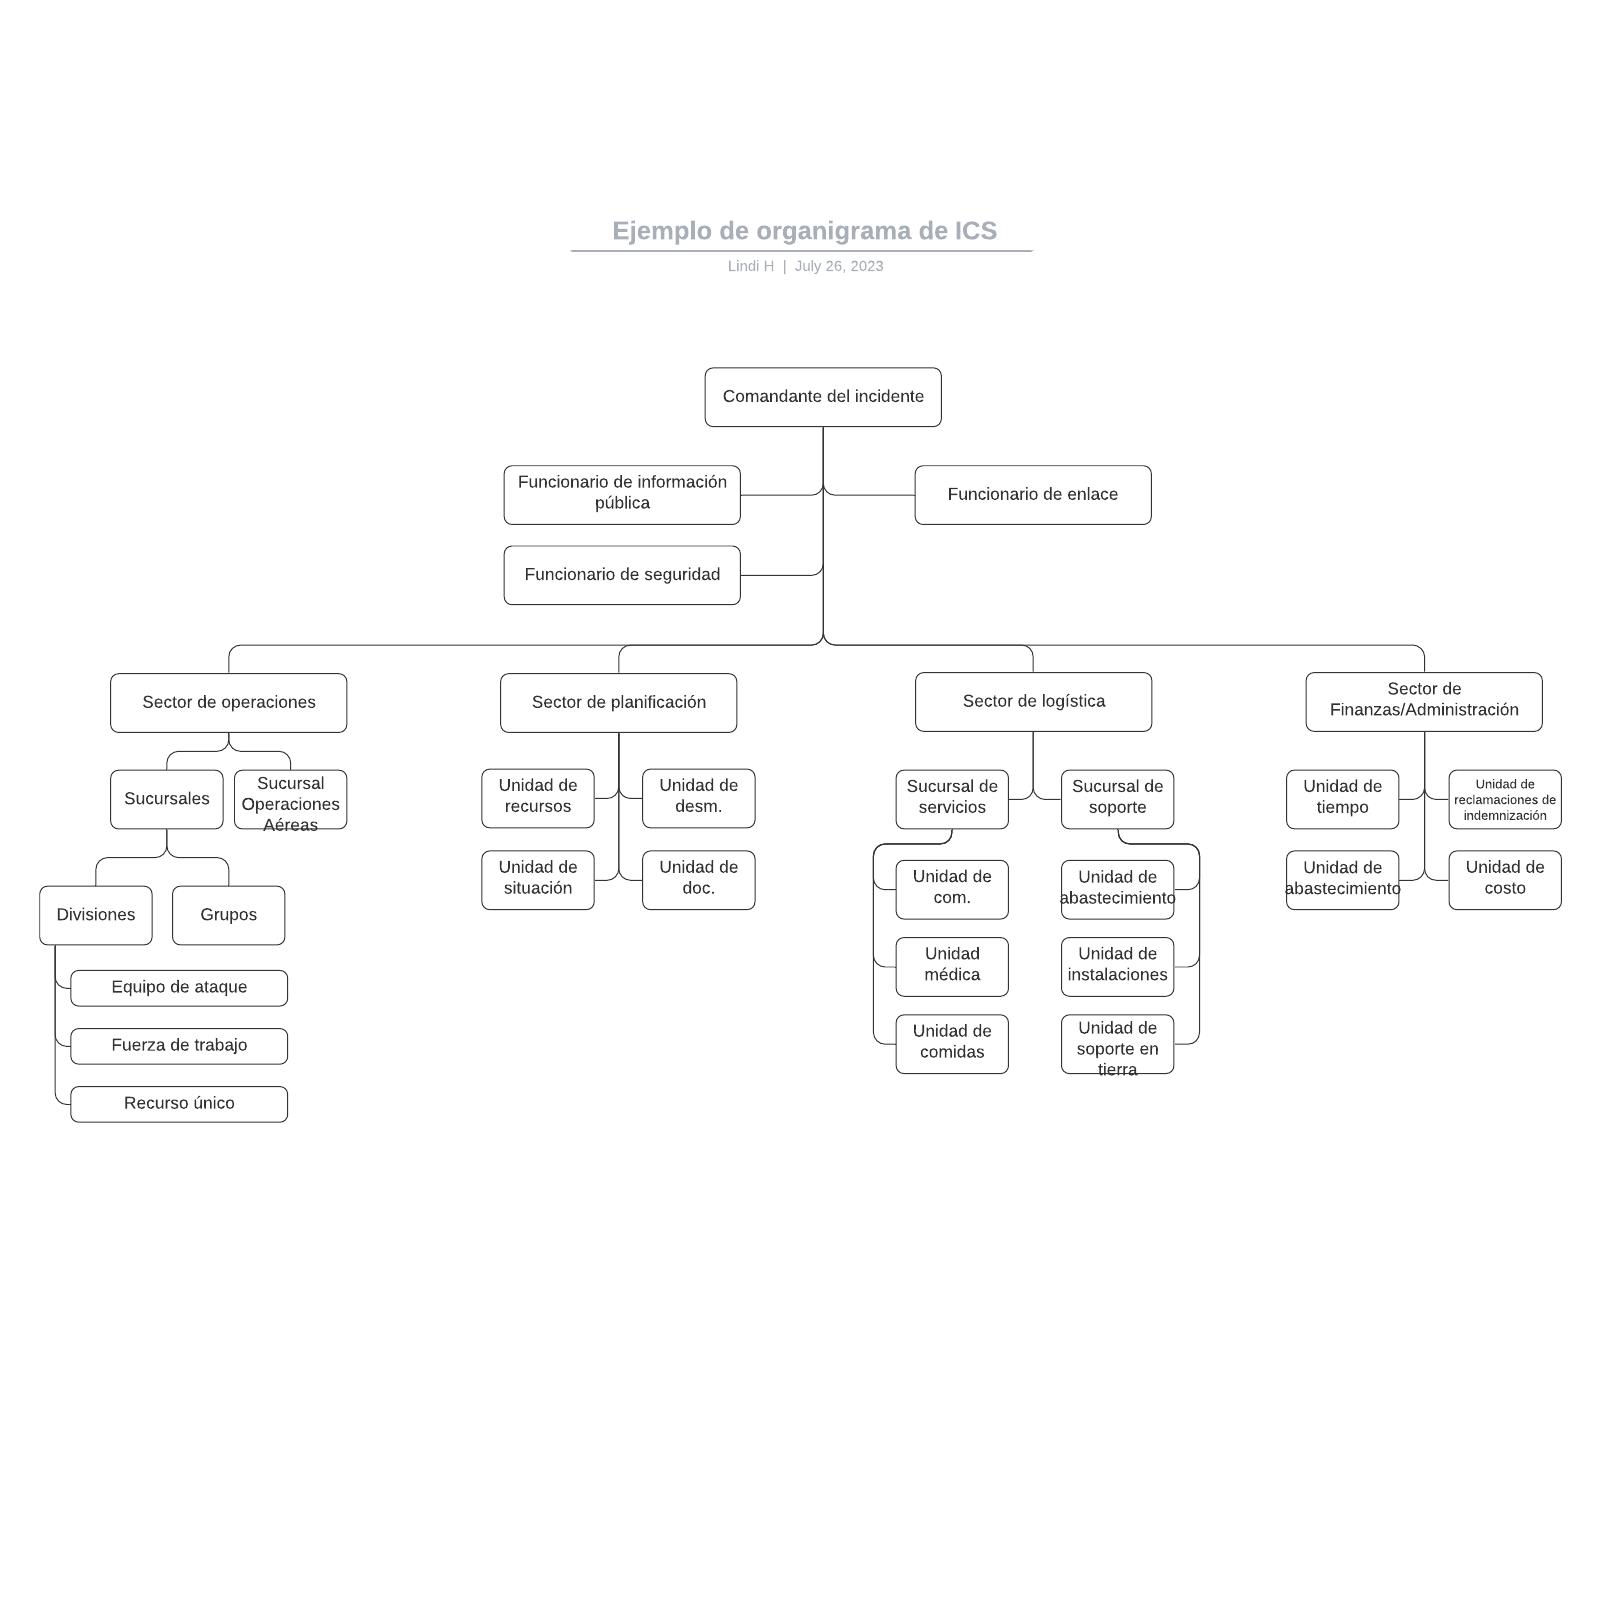 Ejemplo de organigrama de ICS